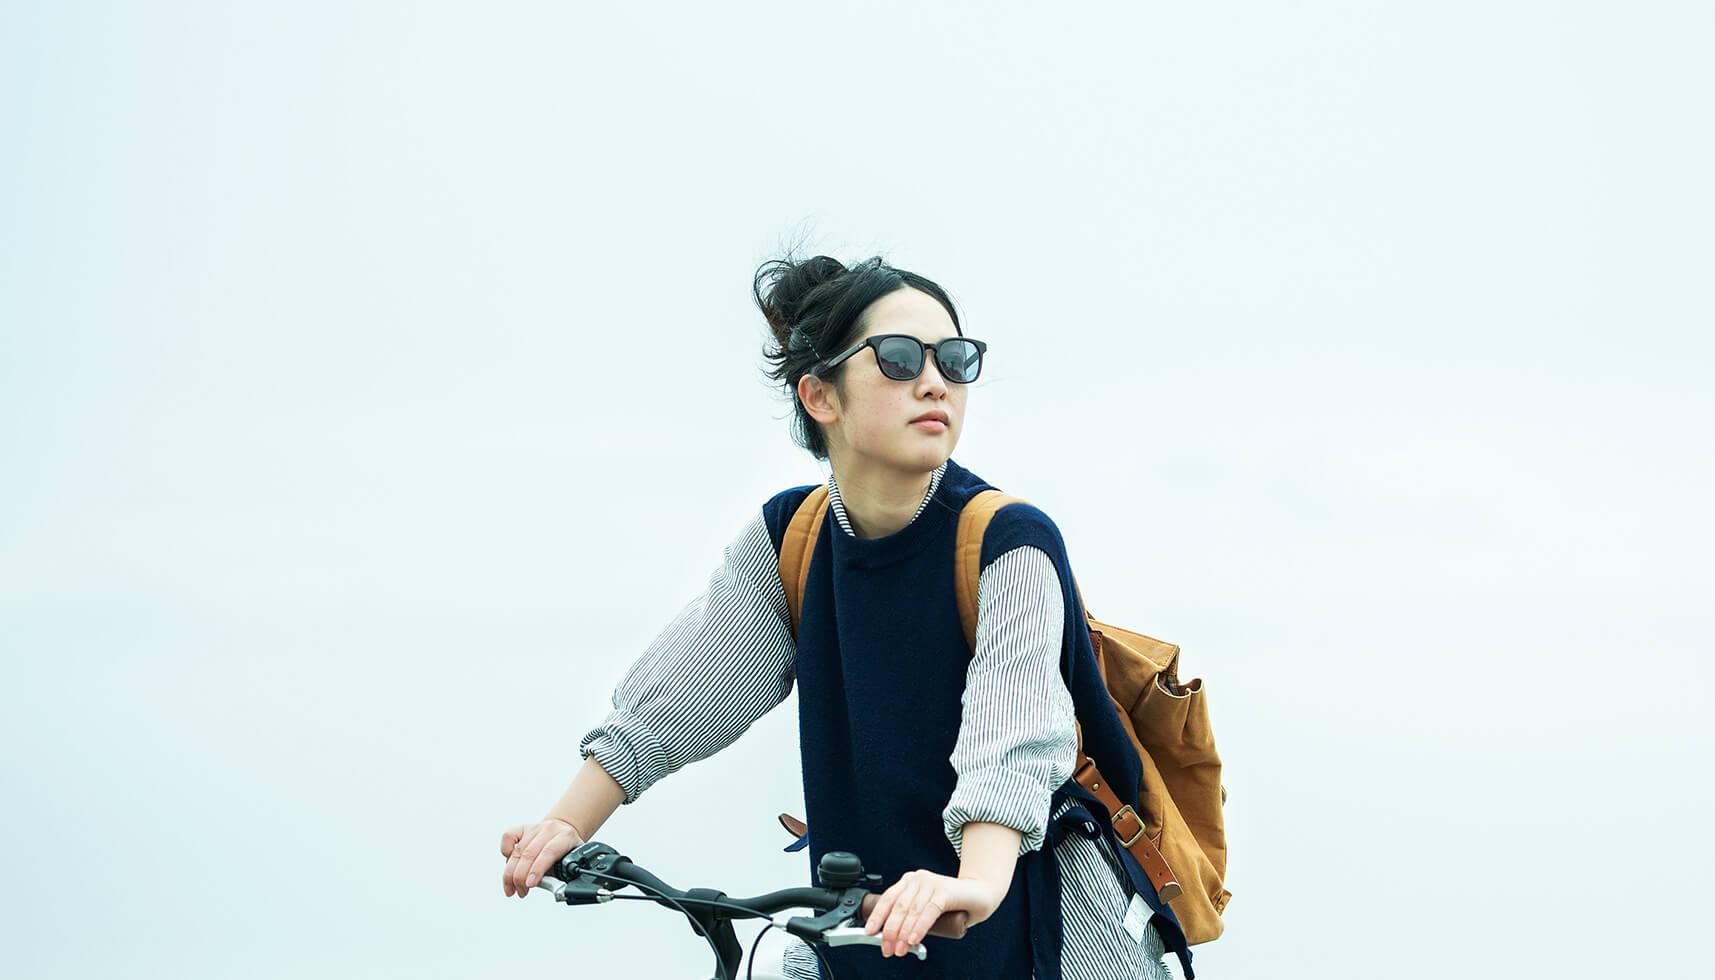 """颯爽と街を自転車で走る日もあれば、家族で山に遊びに行く日もある。暮らしに馴染み、使う人に""""よりそう""""眼鏡工場からの新しい提案。"""